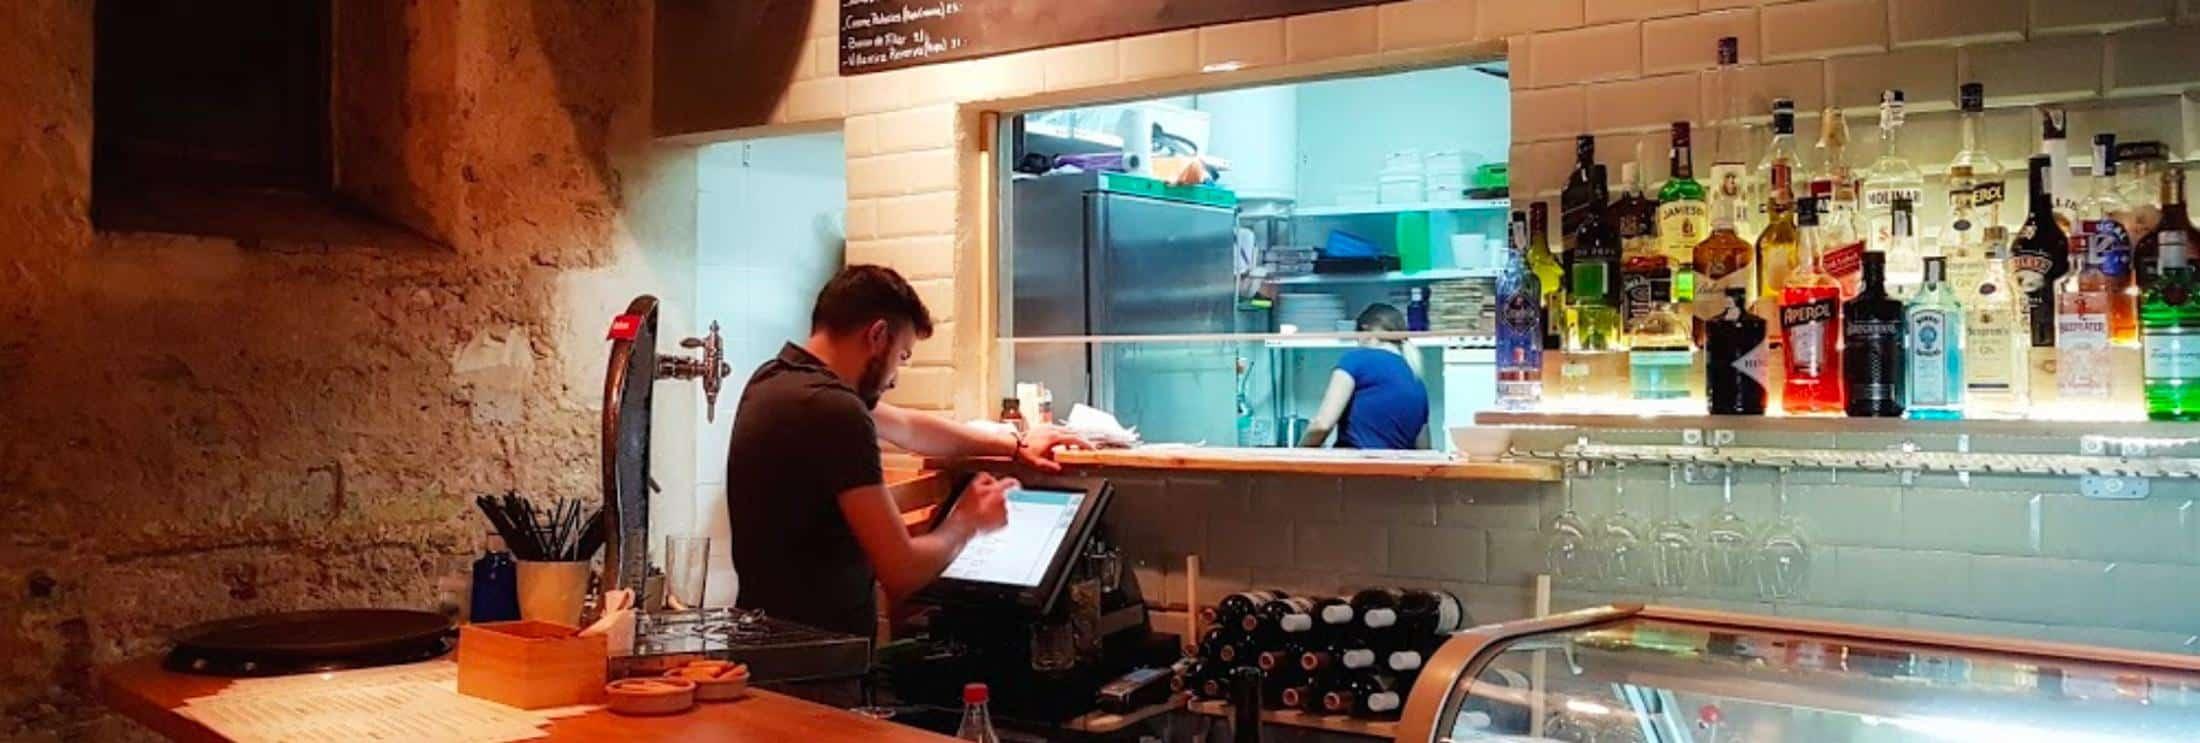 no-6-cocina-sencilla-Tapas-Bar-Tarifa-Restaurants in the old town